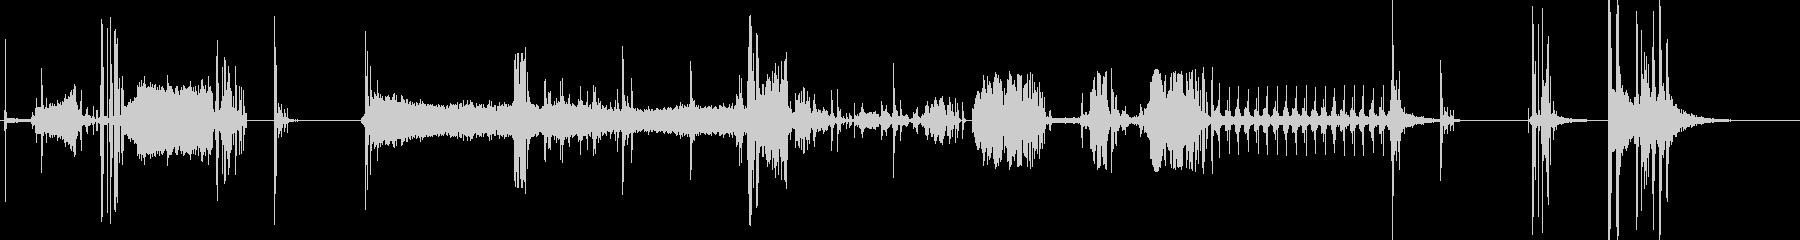 デモ2の未再生の波形